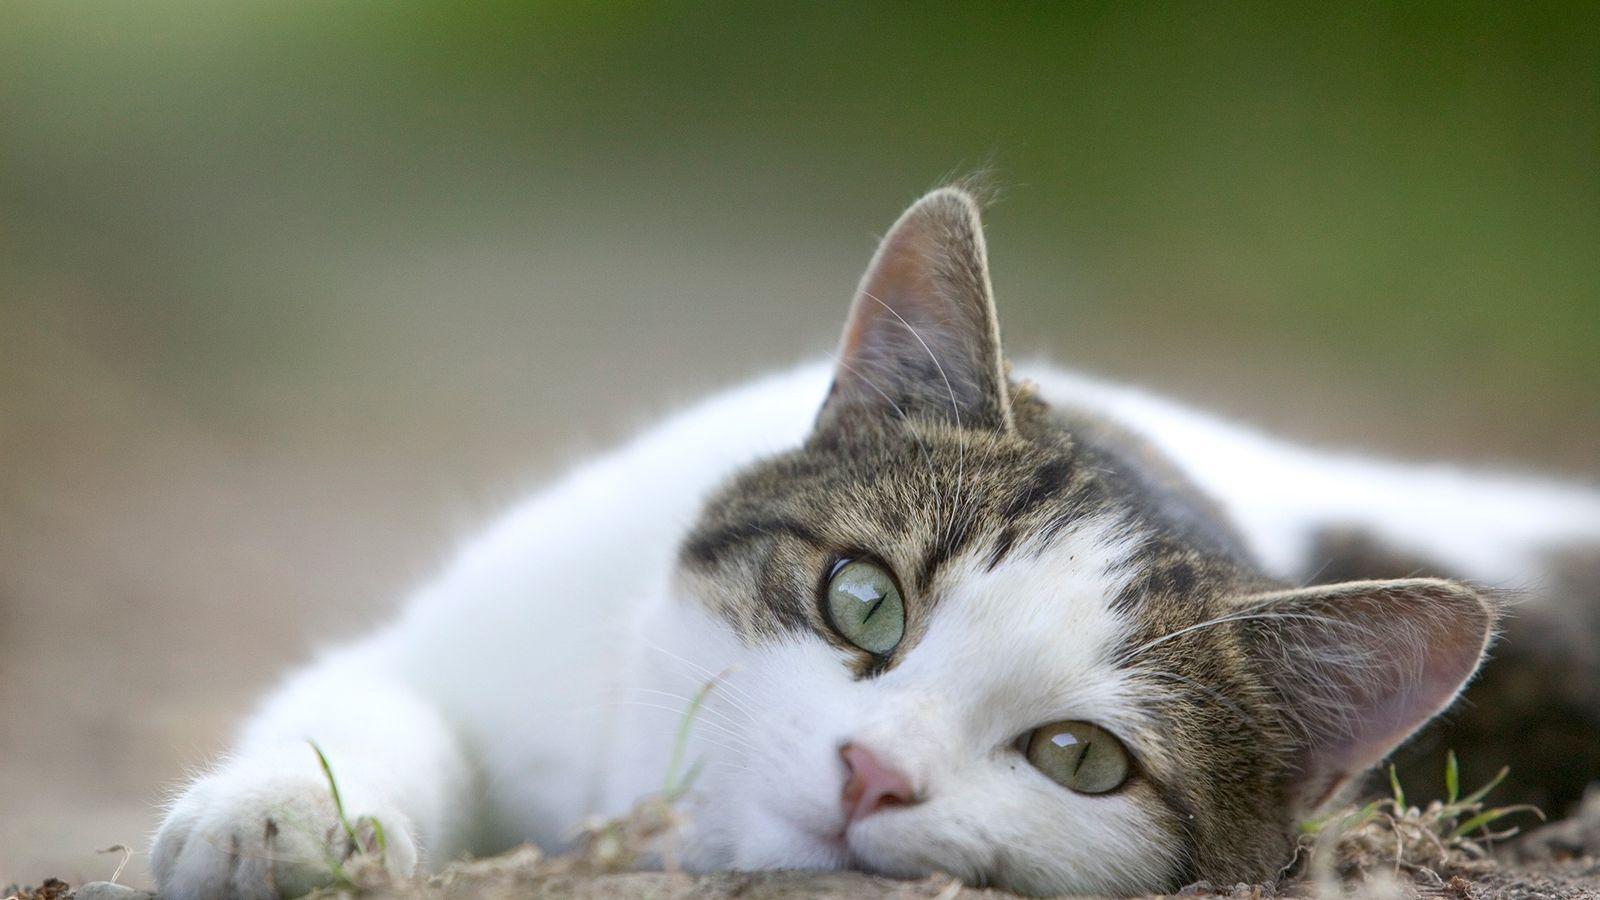 Los gatos y el poder sanador del ronroneo